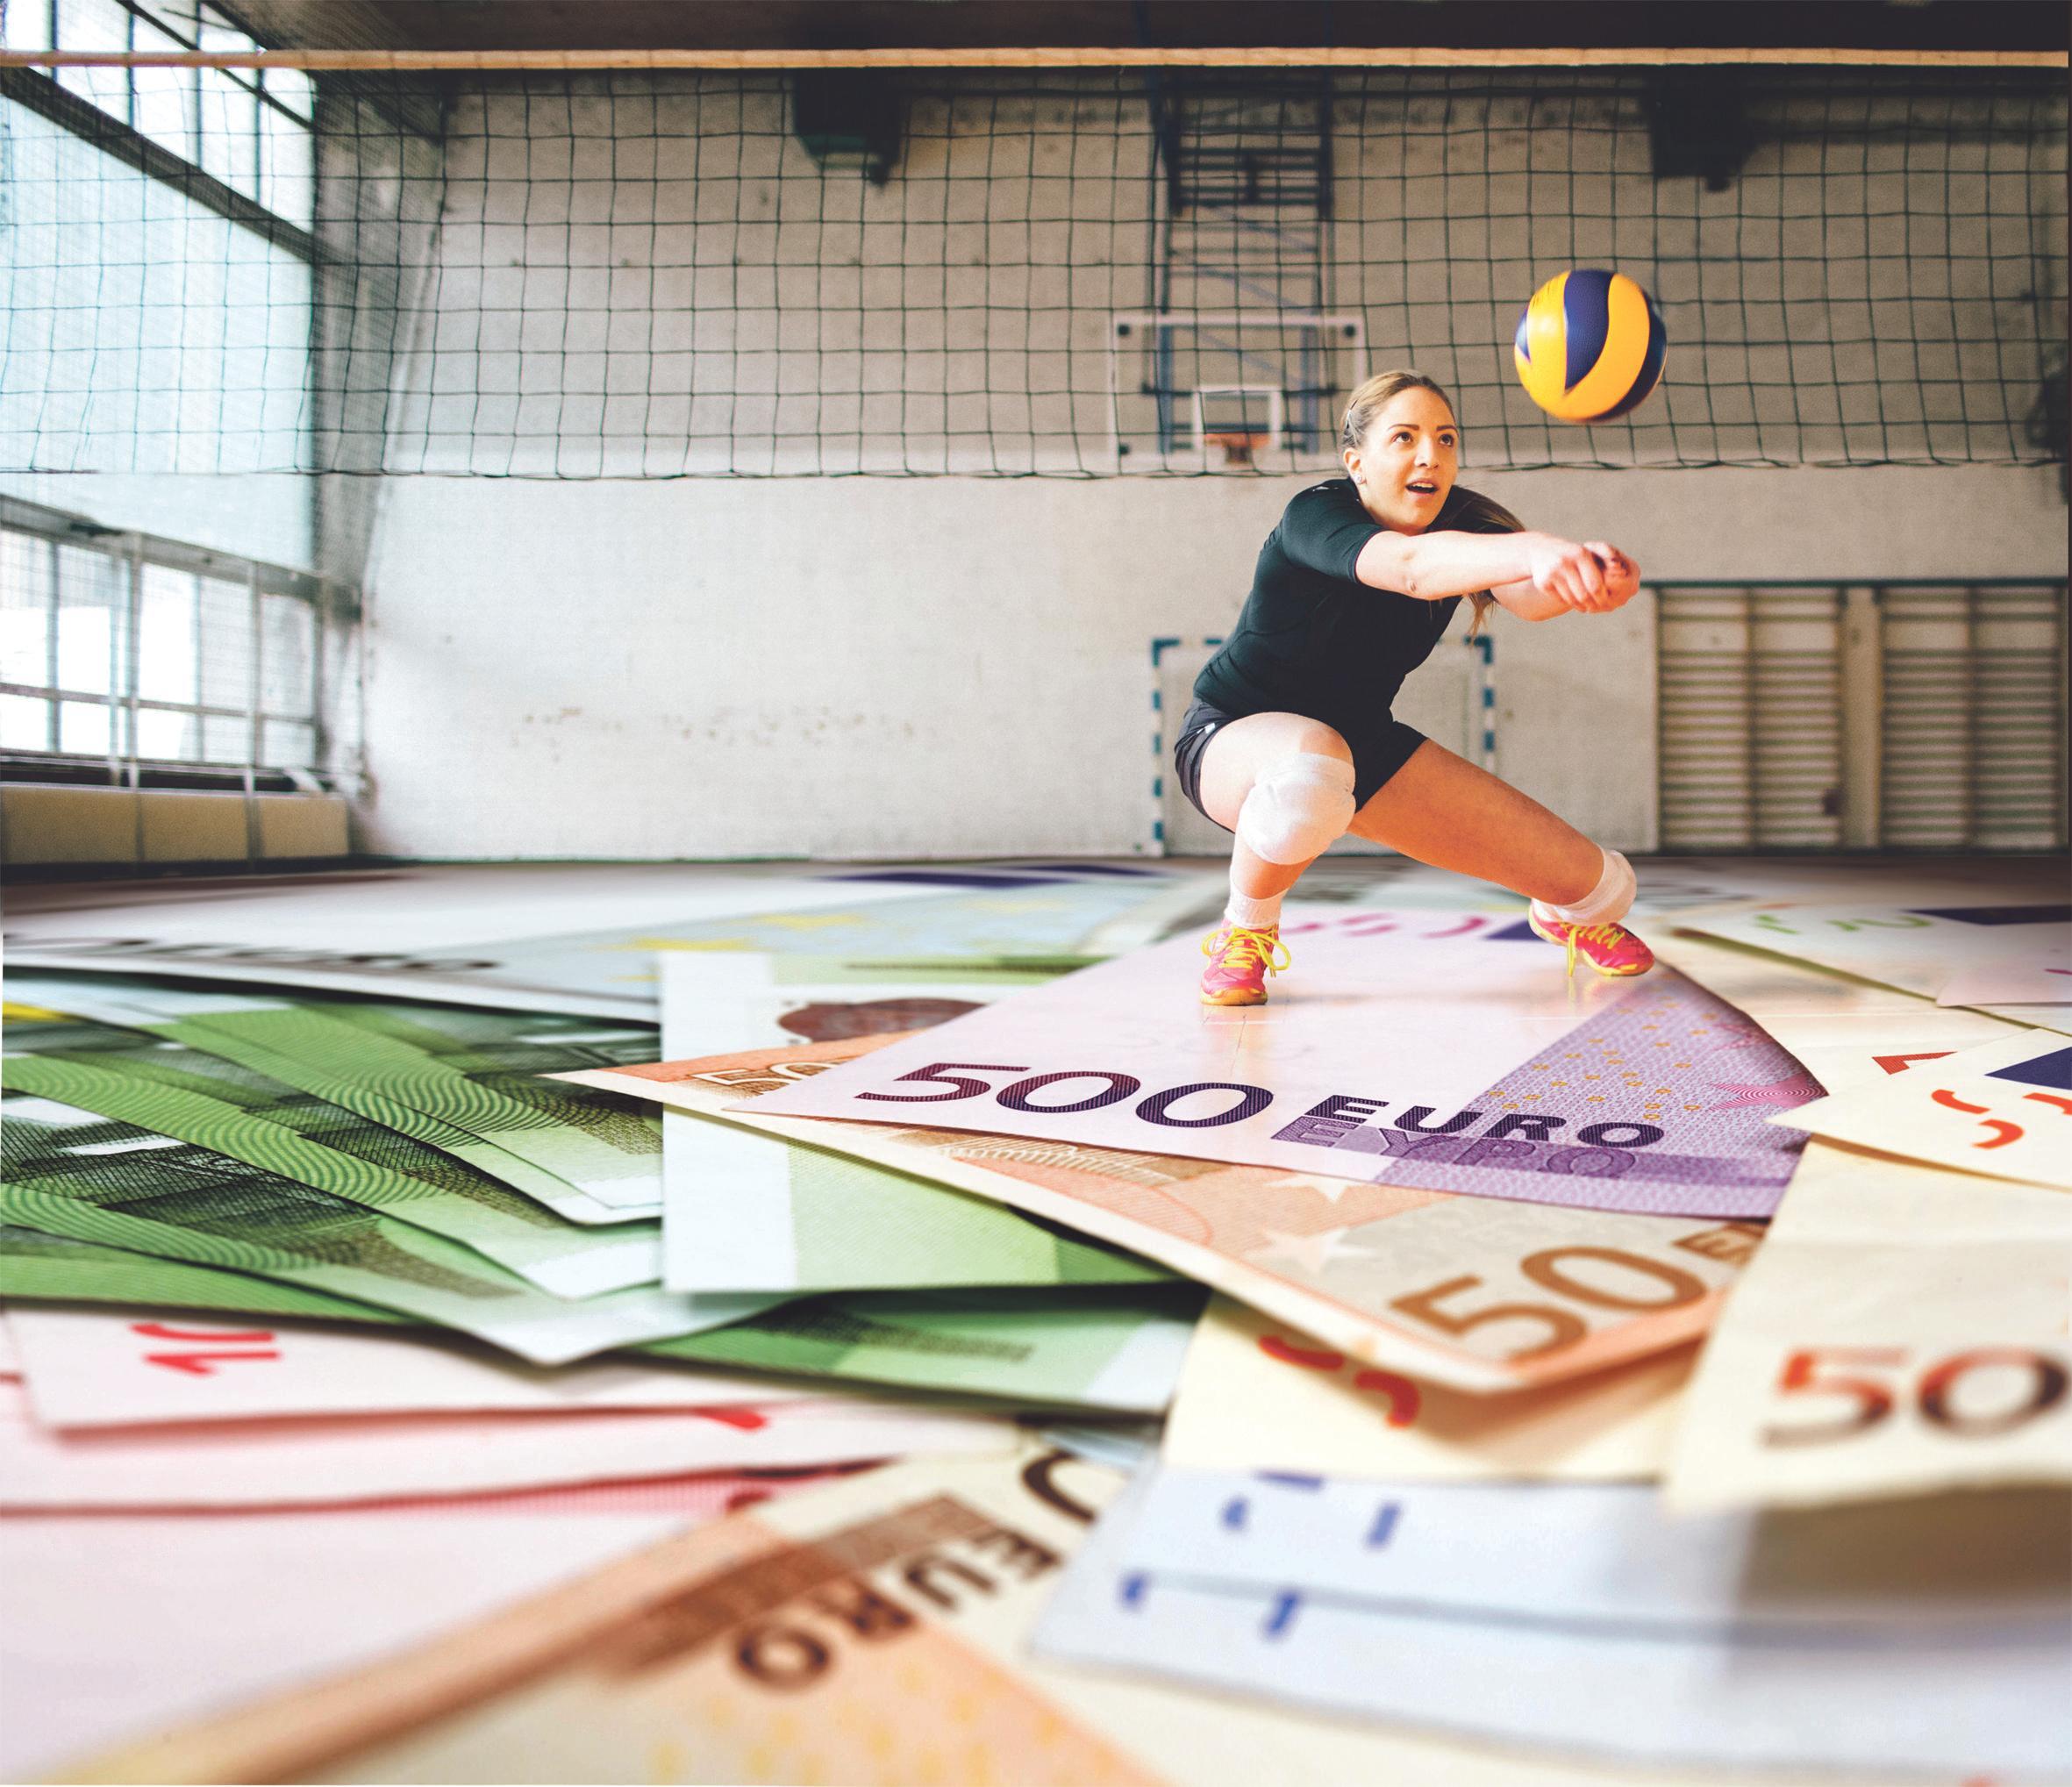 Testen, testen, testen: verenigingen en bonden zijn duizenden euro's extra kwijt om te kunnen sporten, maar wie gaat dat betalen?